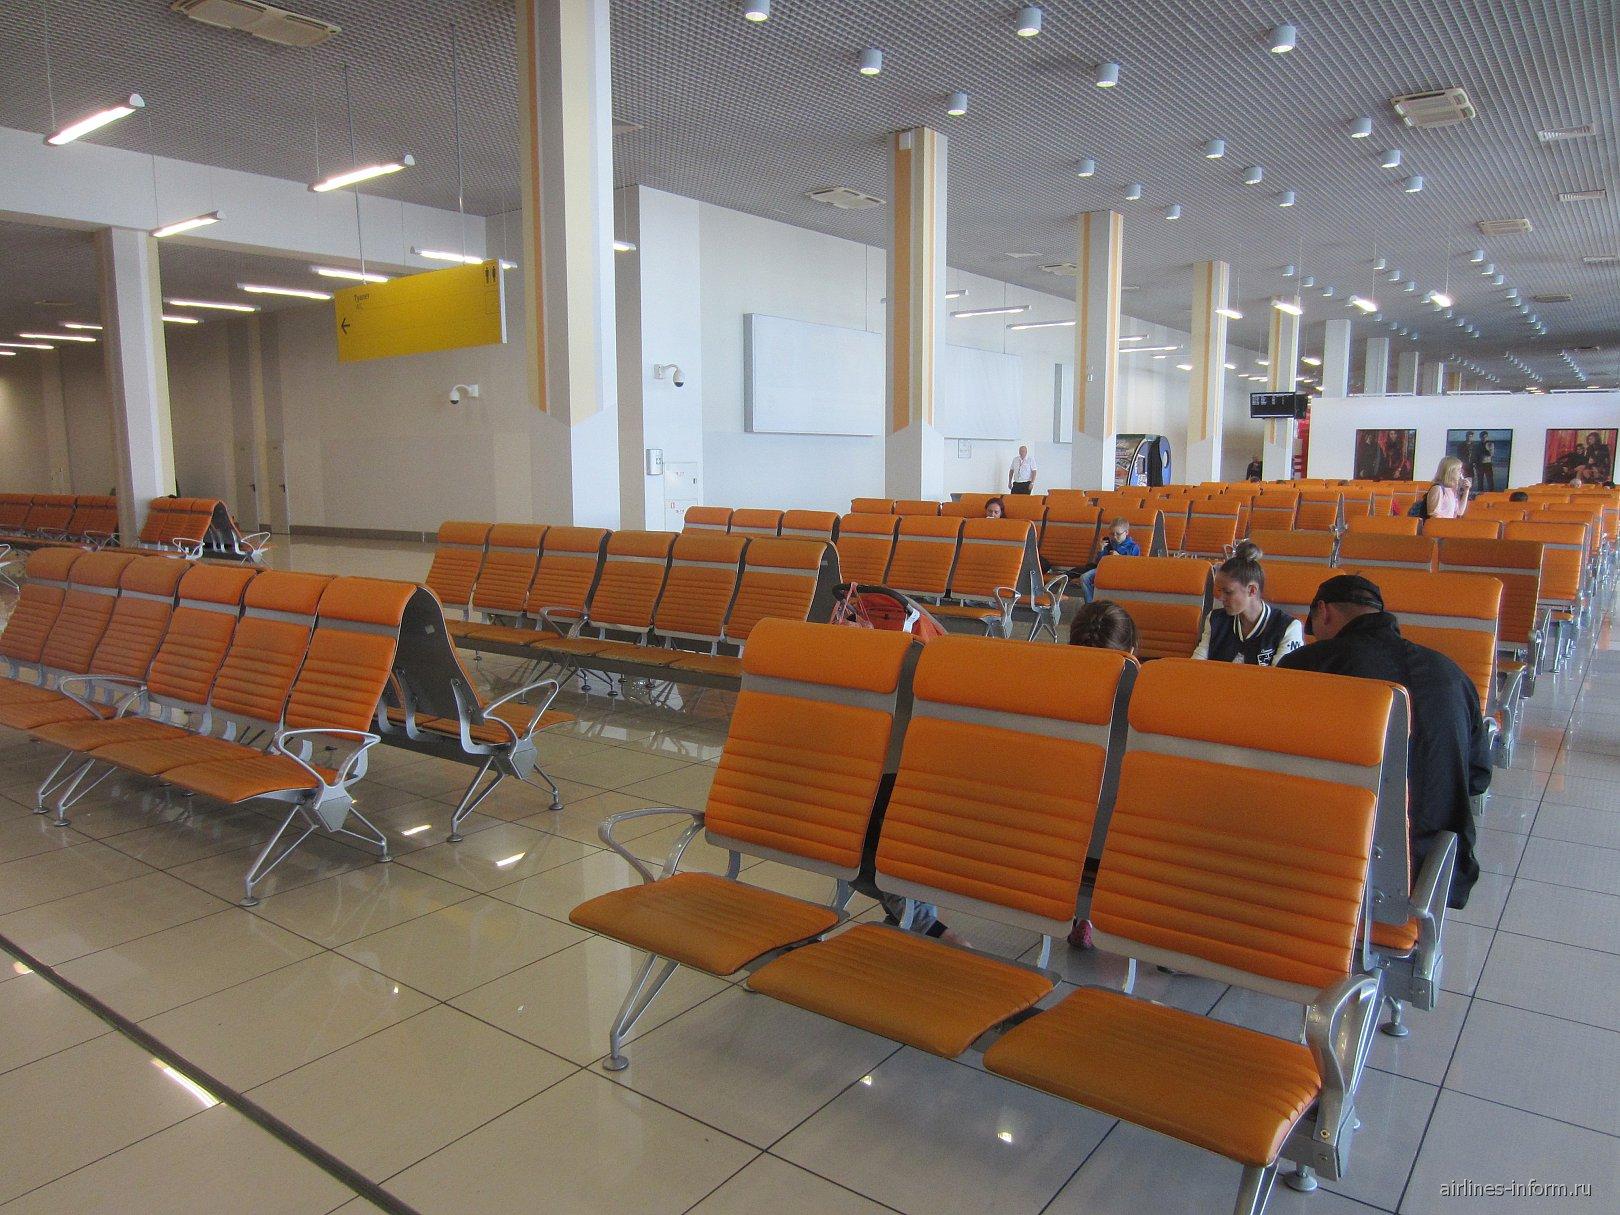 Зал ожидания в чистой зоне международного терминала аэропорта Кольцово